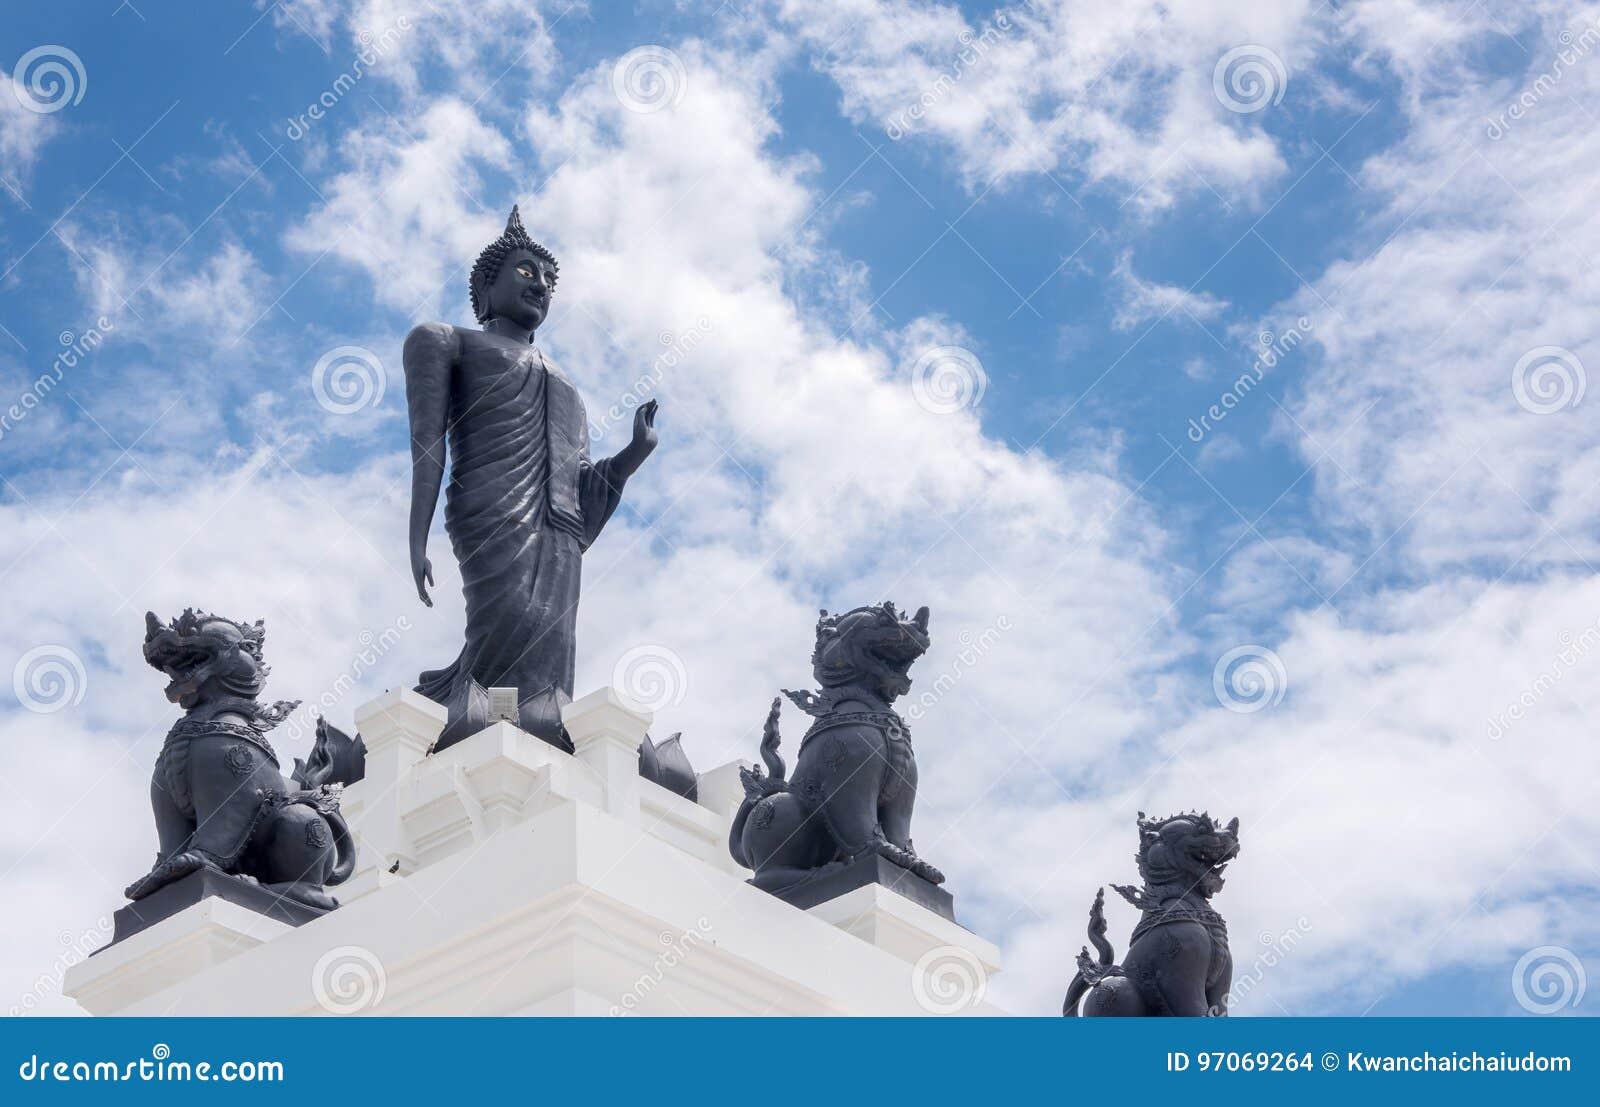 Estatua grande negra de Buda con el cielo nublado y azul blanco